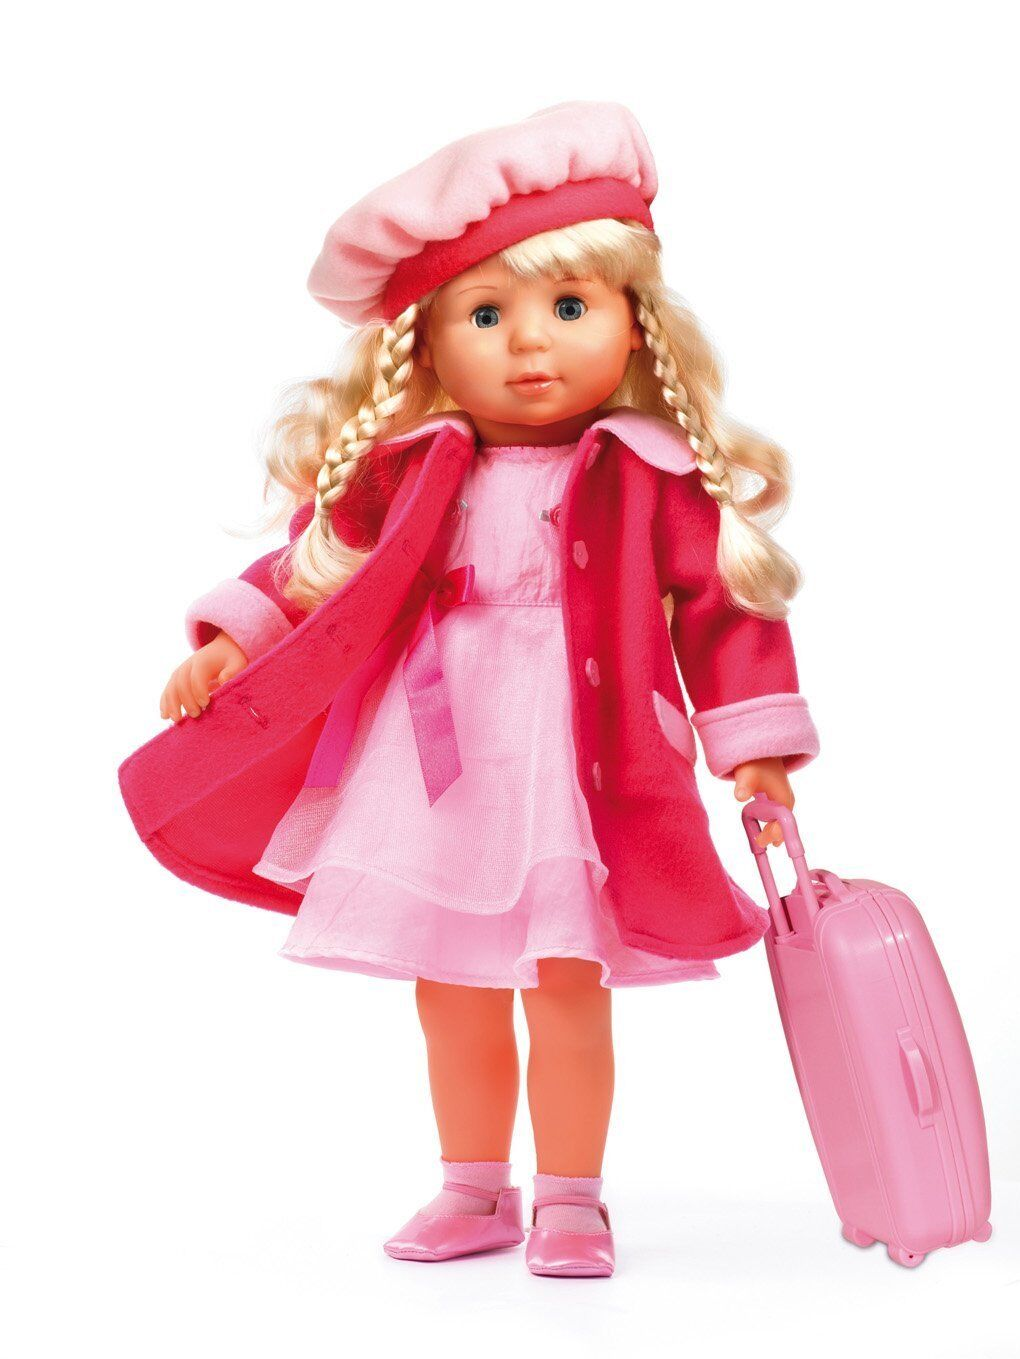 Bayer Design Funktionspuppe Charlene Interactive Singpuppe Puppen Haare Sprechen